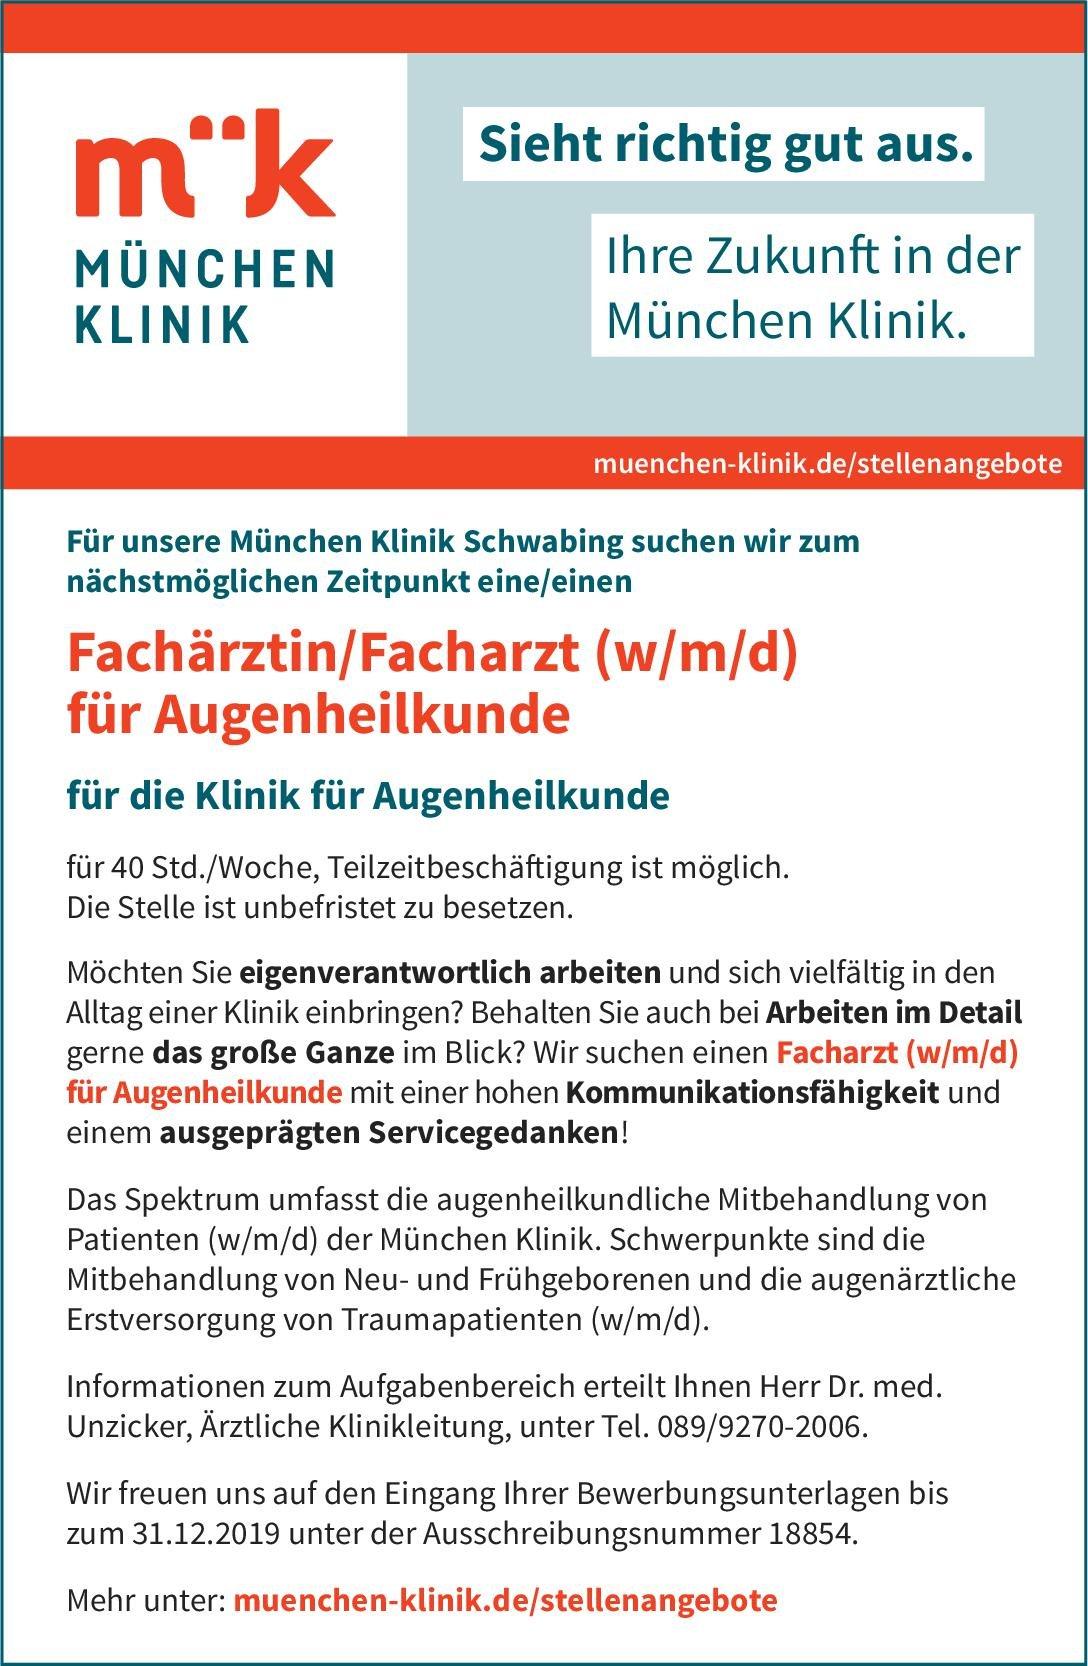 München Klinik Schwabing Fachärztin/Facharzt (w/m/d) für Augenheilkunde Augenheilkunde Arzt / Facharzt